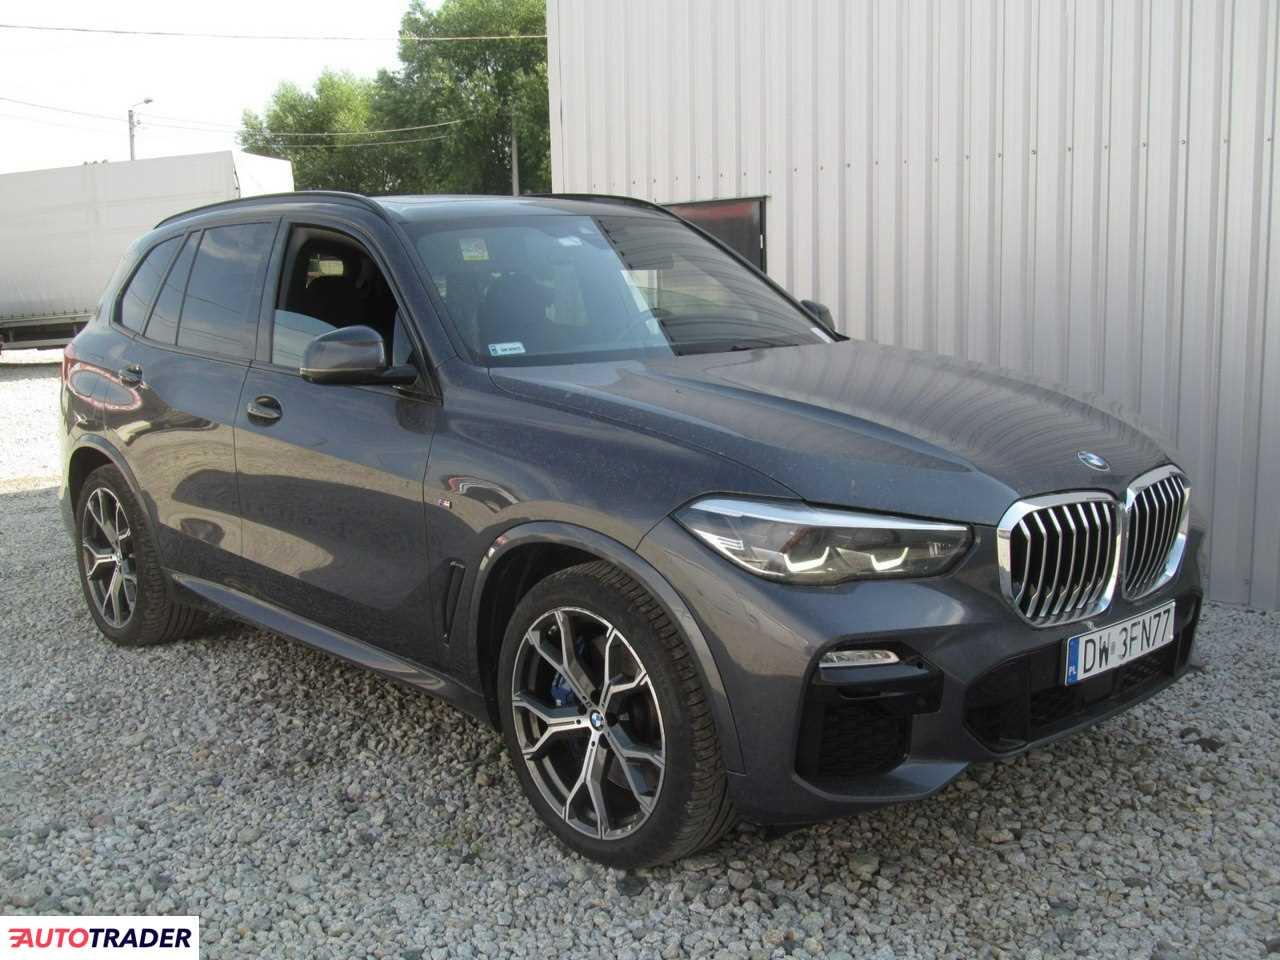 BMW X5 2019 3.0 265 KM